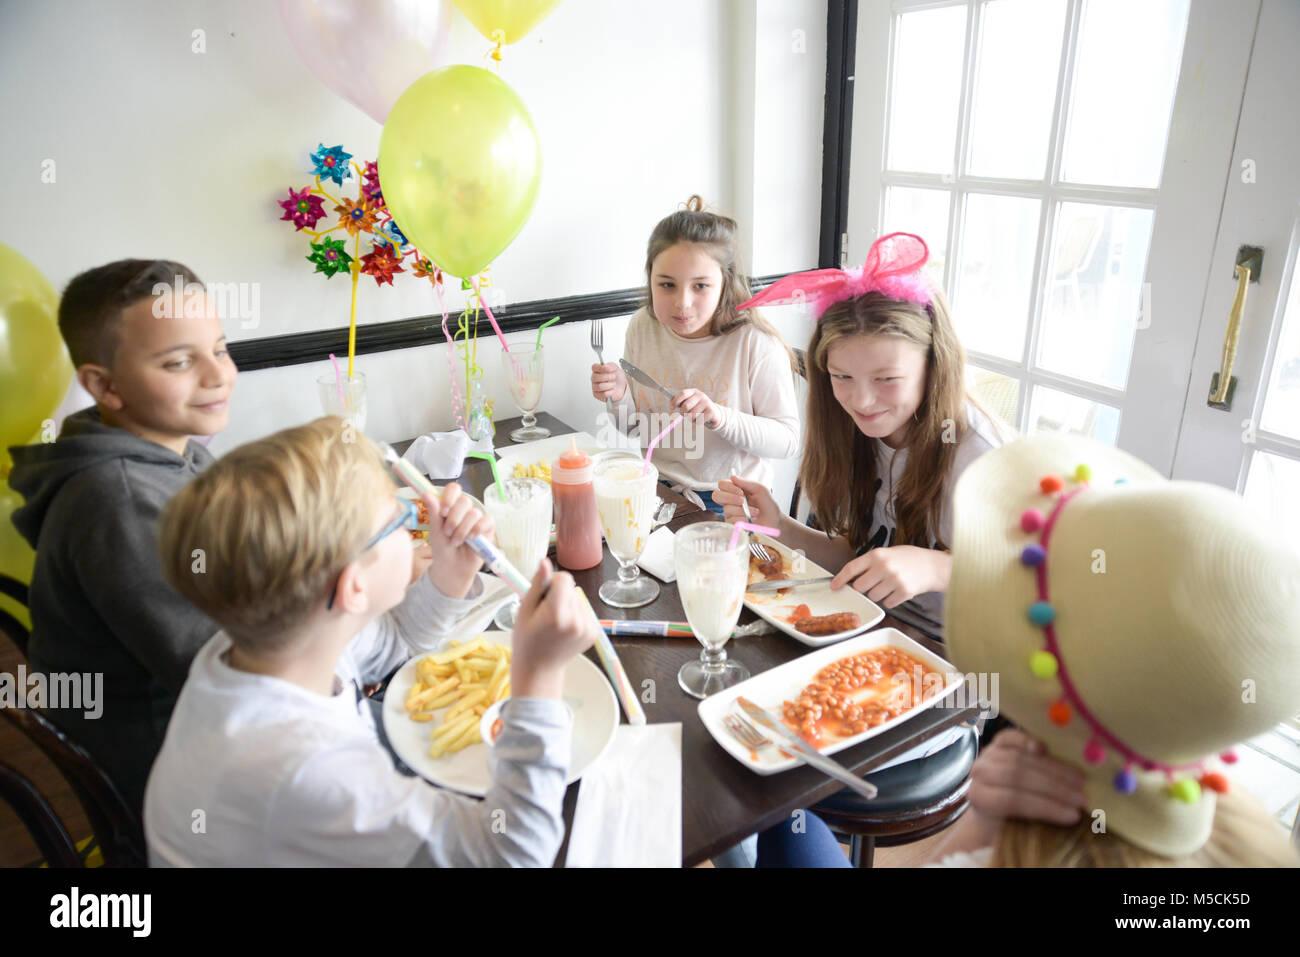 Cinco niños pequeños están sentados en una mesa comiendo parte alimentos fritos y beber batidos- hay globos y decoraciones Foto de stock